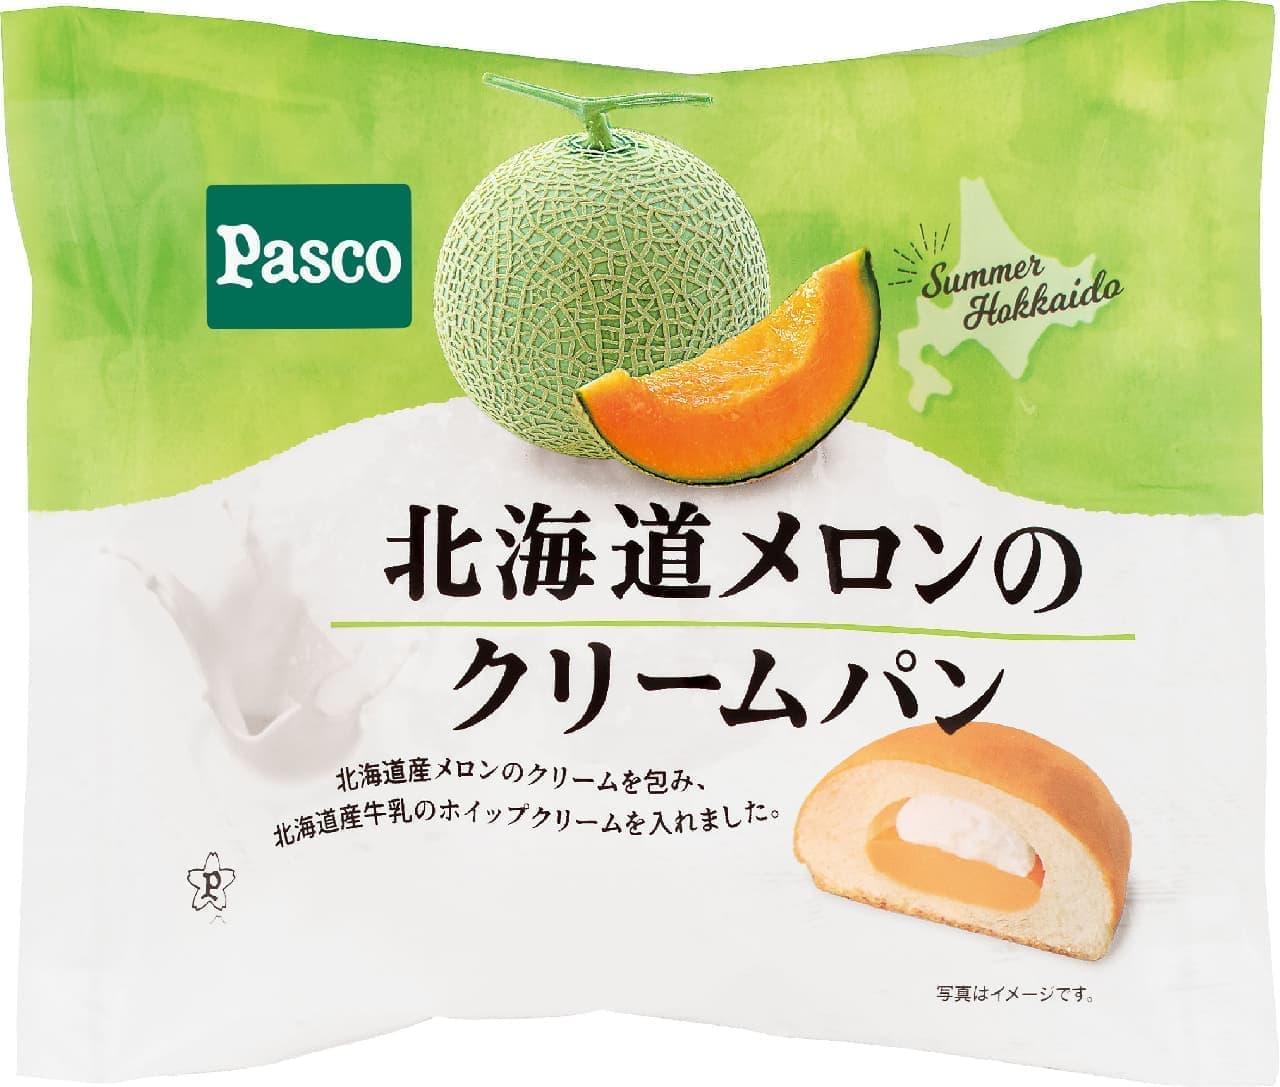 パスコ「北海道メロンのクリームパン」